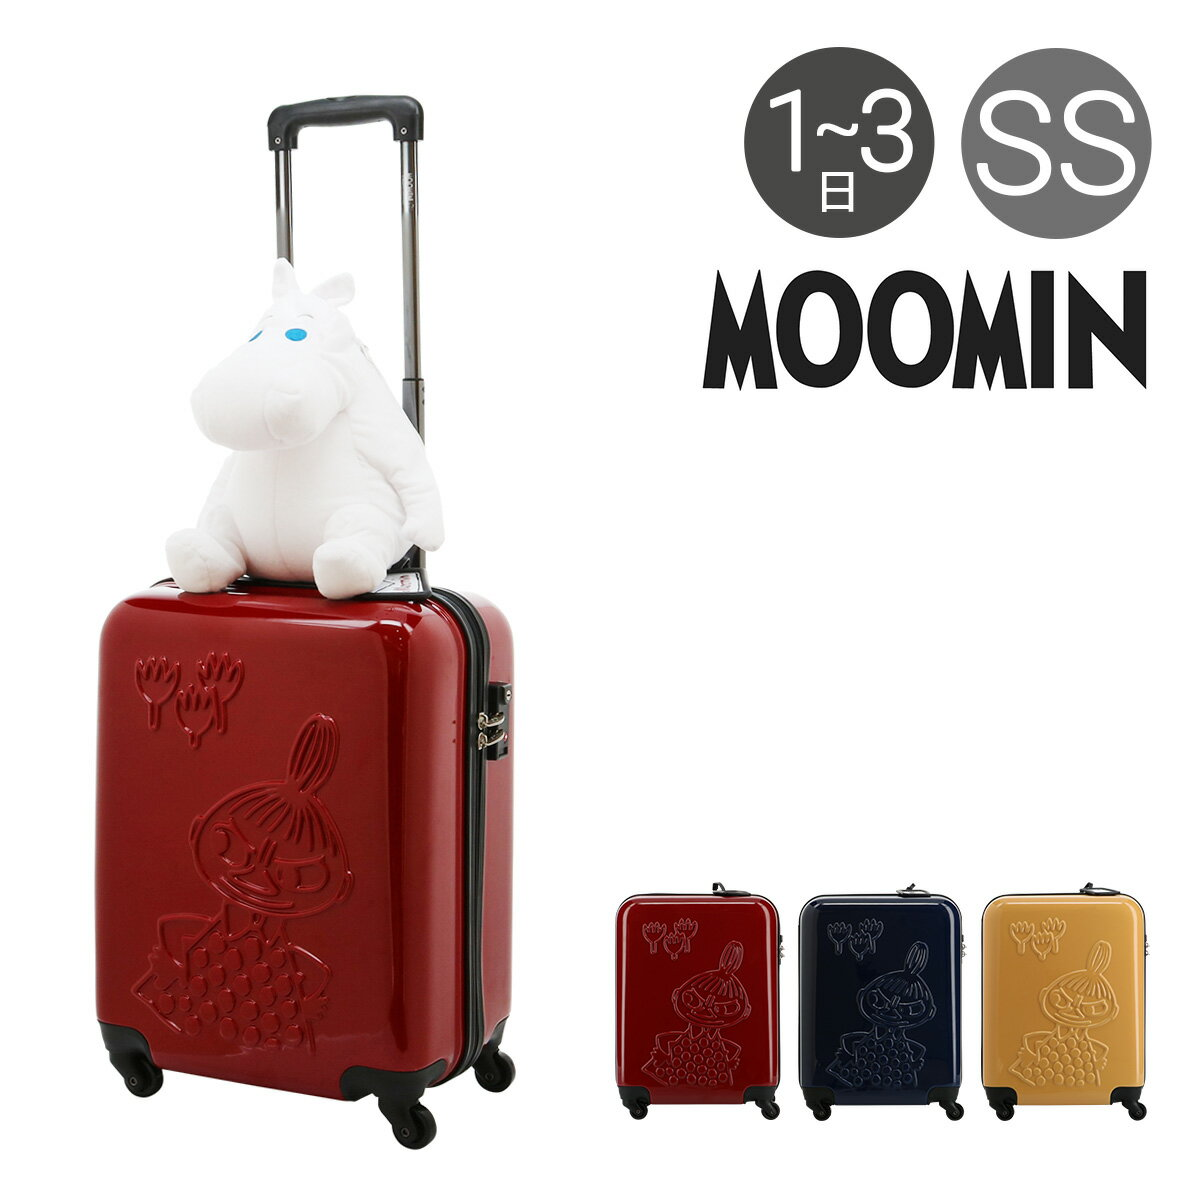 ムーミン スーツケース 35L 47.5cm 2.7kg ハード ファスナー レディース MM2-013 MOOMIN | キャリーケース TSAロック搭載[即日発送]